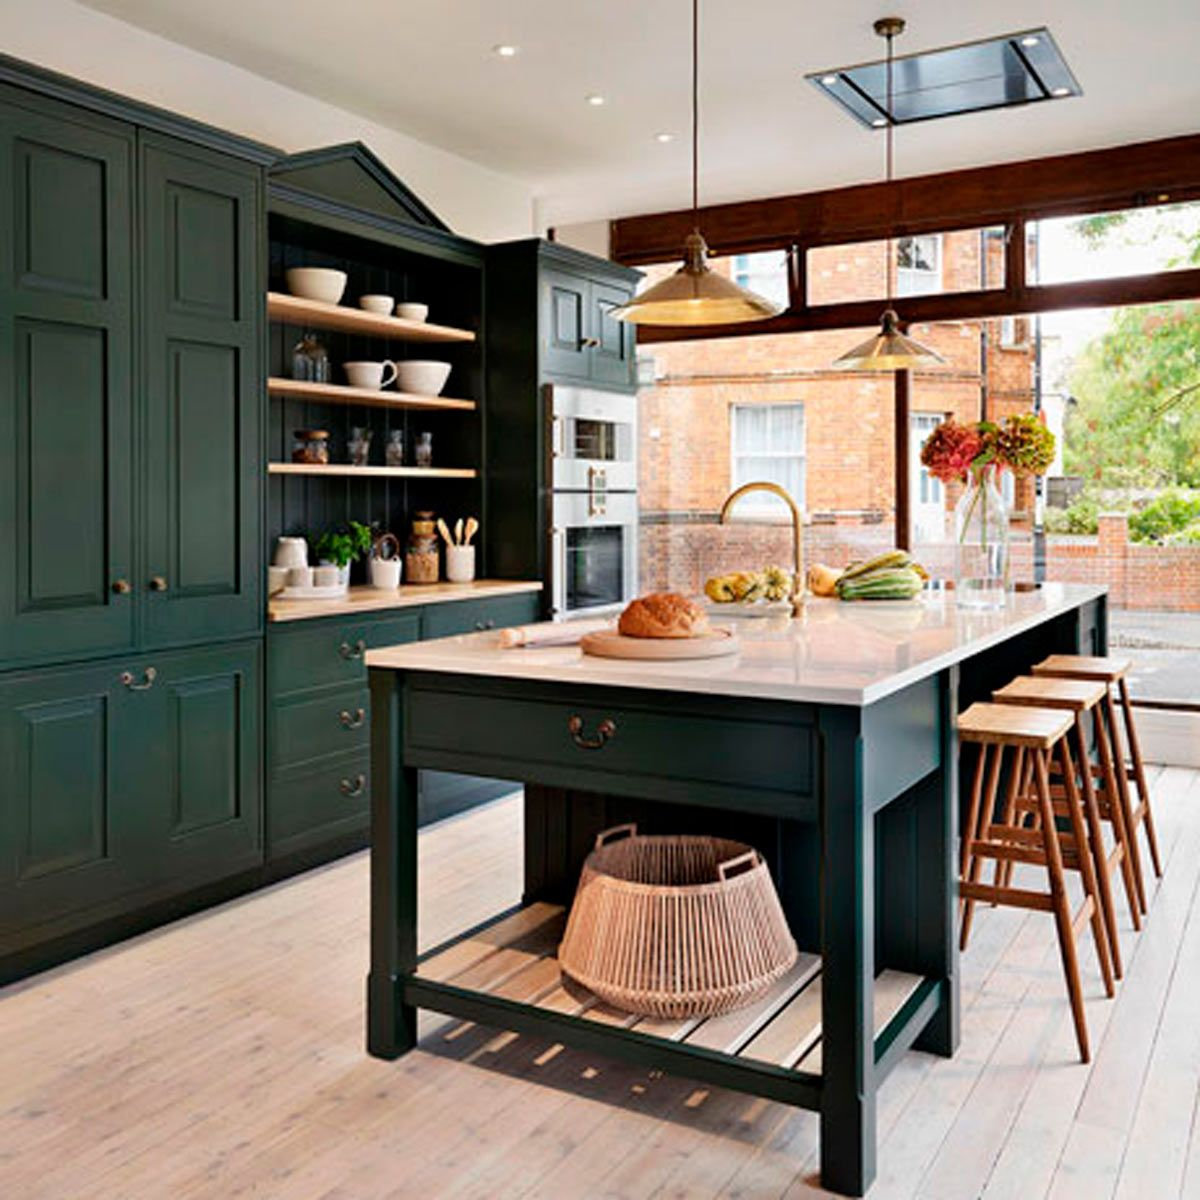 13 Stunning Dark Kitchen Cabinet Ideas Green Kitchen Cabinets Interior Design Kitchen Dark Green Kitchen